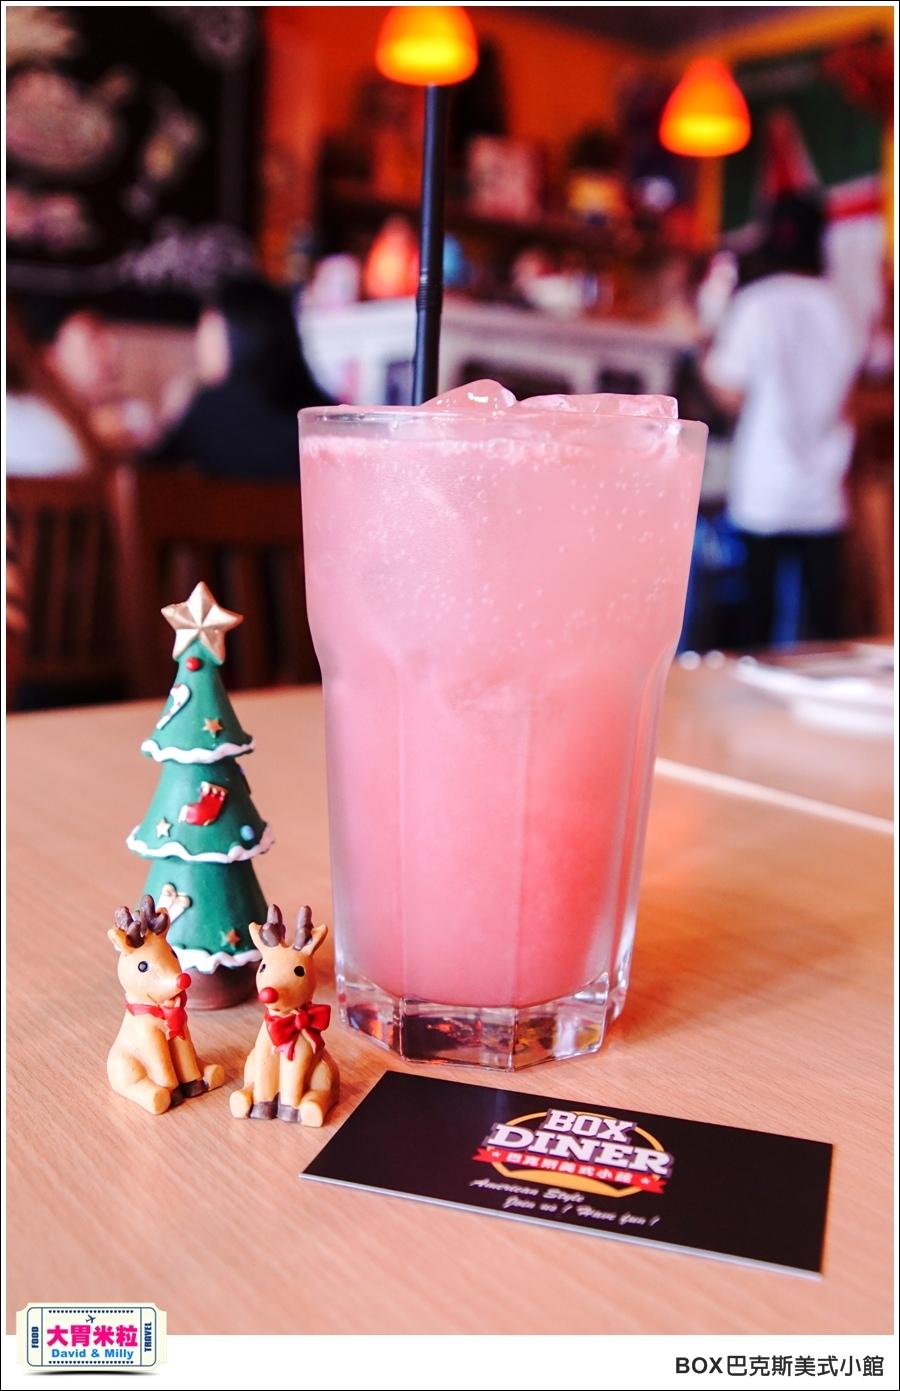 板橋異國料理推薦@BOX巴克斯美式小館 聖誕大餐@大胃米粒0023.jpg